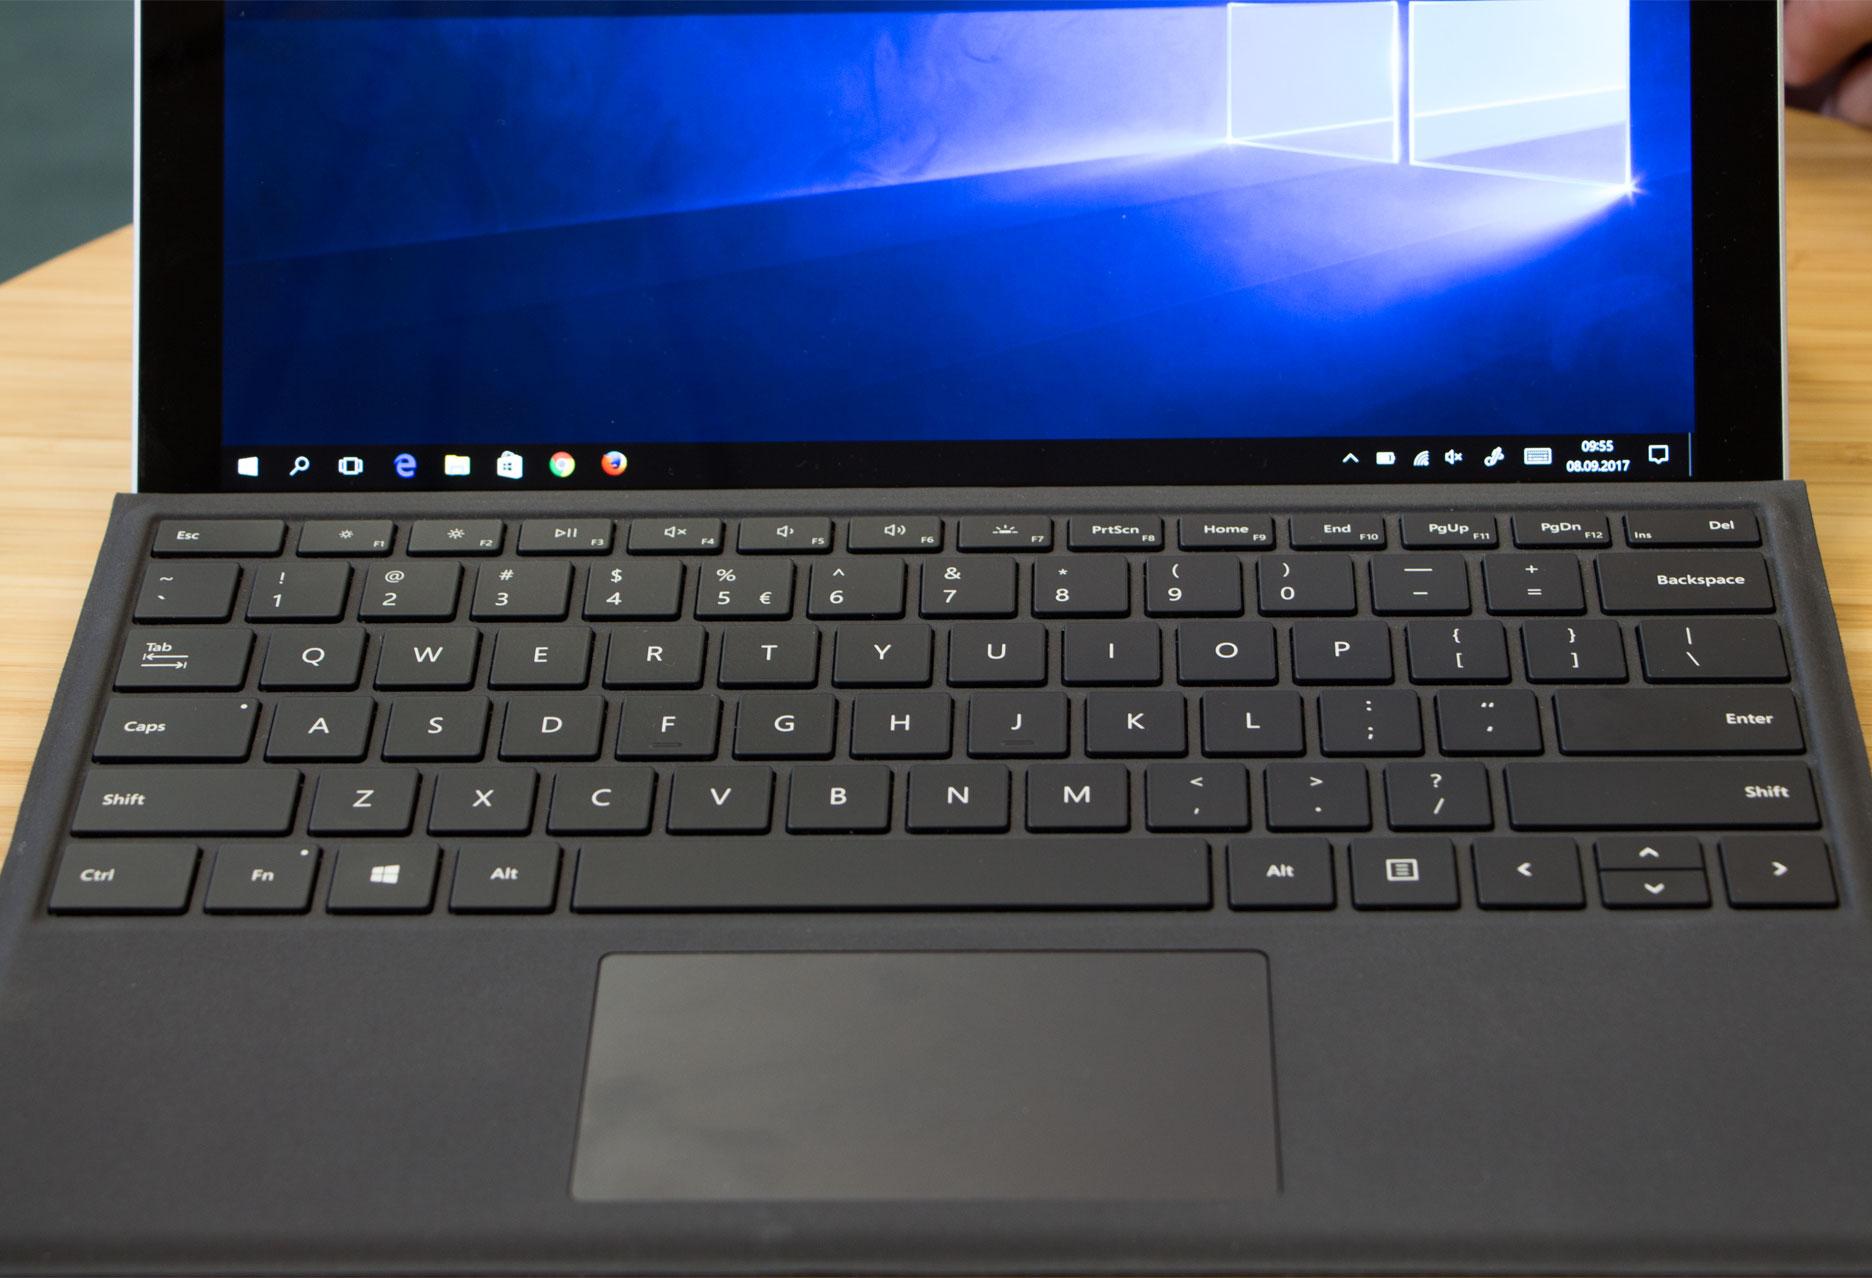 Microsoft Surface Pro touchpad